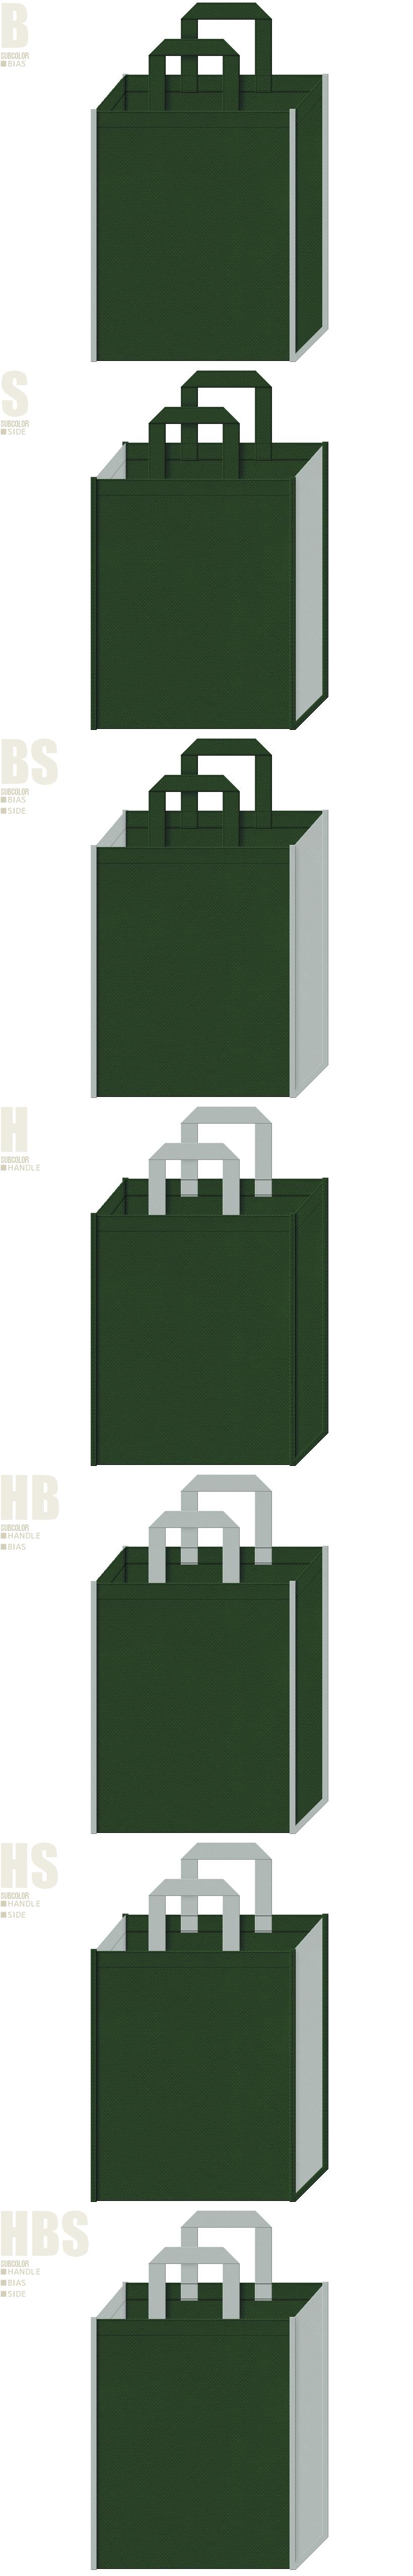 ビルの緑化推進・屋上緑化・壁面緑化の展示会用バッグにお奨めの不織布バッグデザイン:濃緑色とグレー色の不織布バッグ配色7パターン。